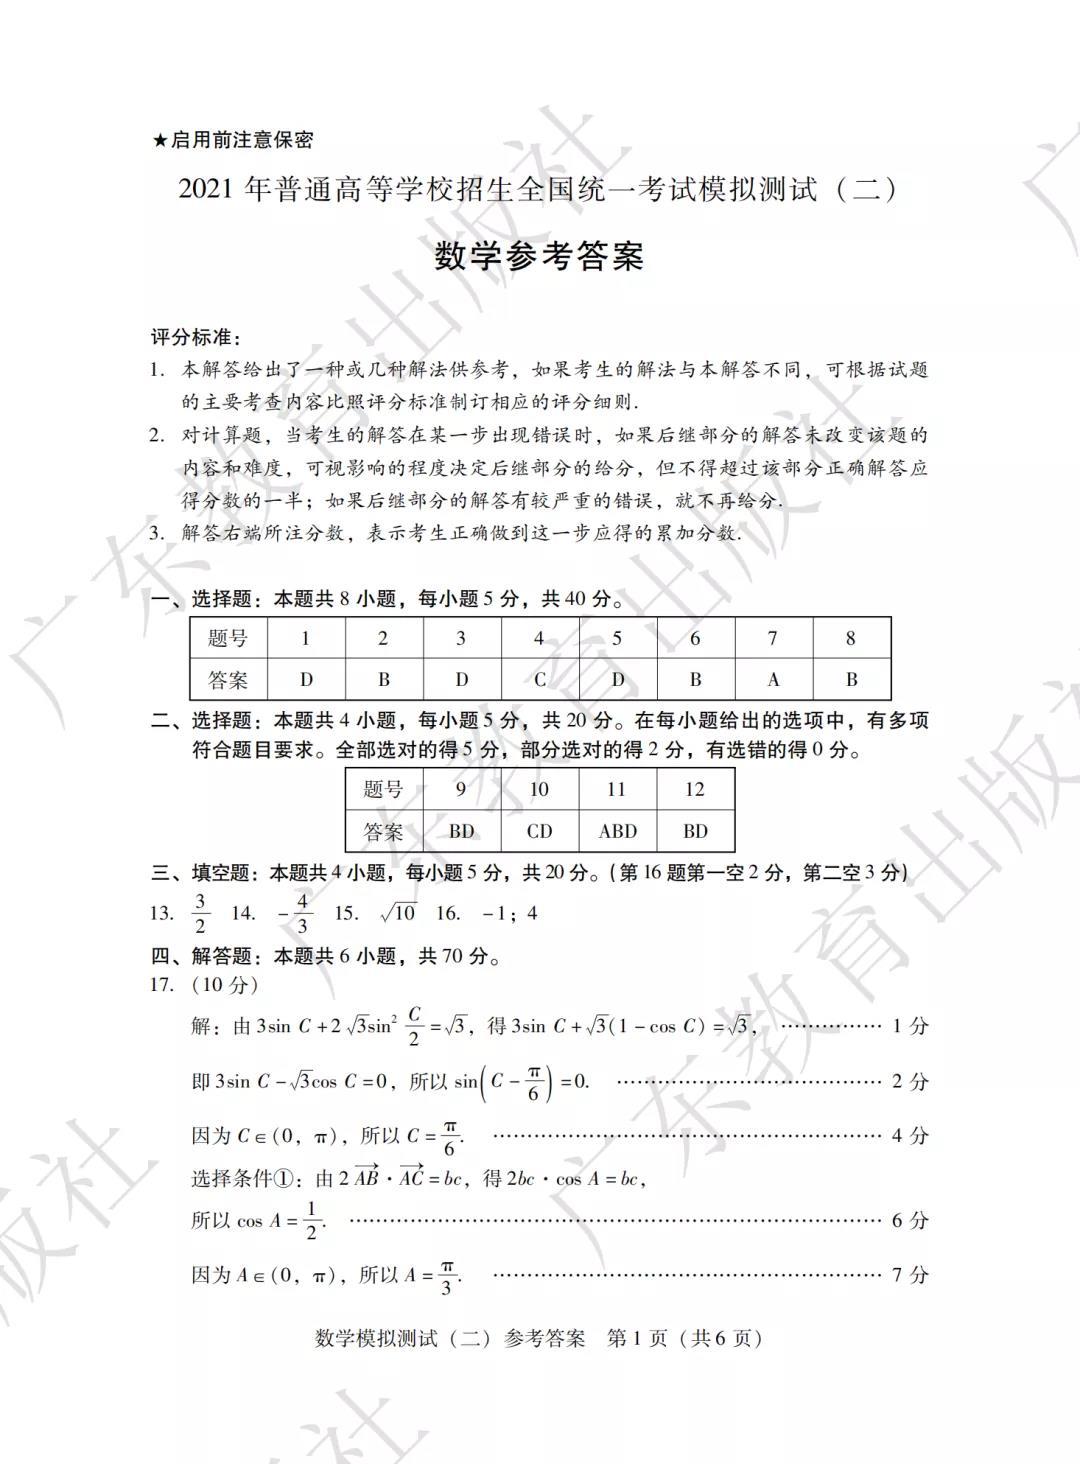 较新!2021年广东高三二模数学参考答案,你能考多少分?